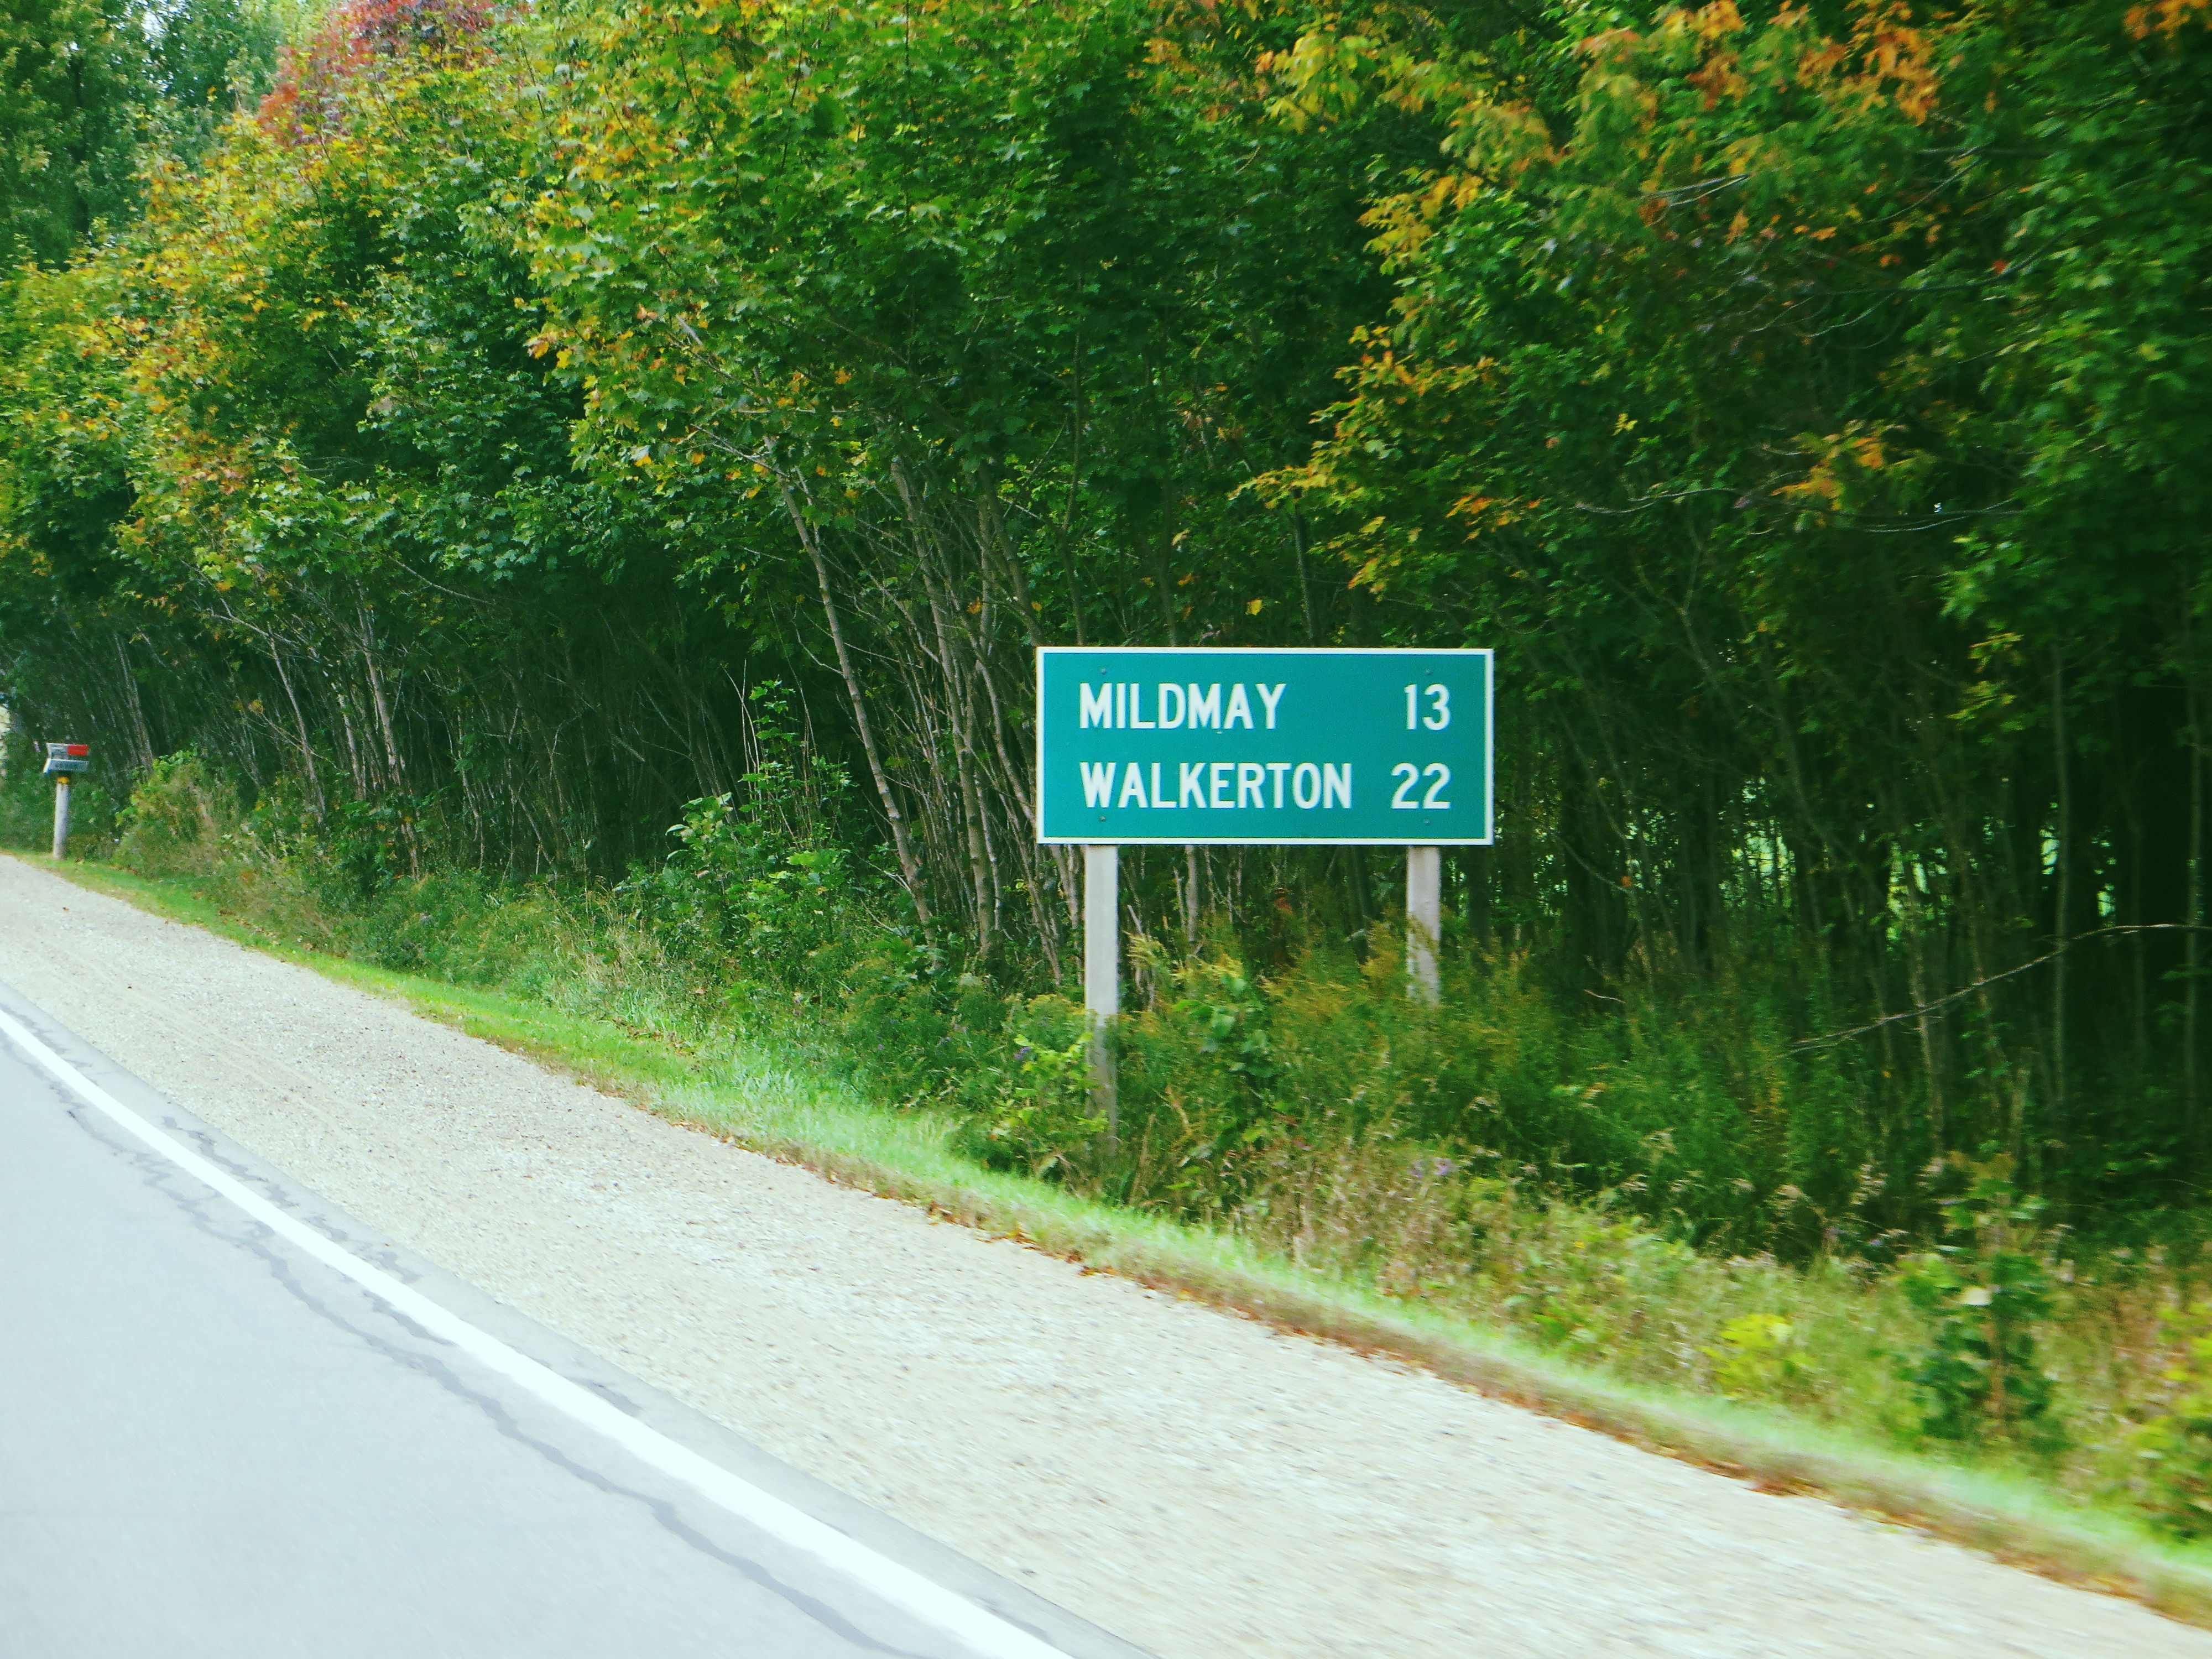 Walkerton dating